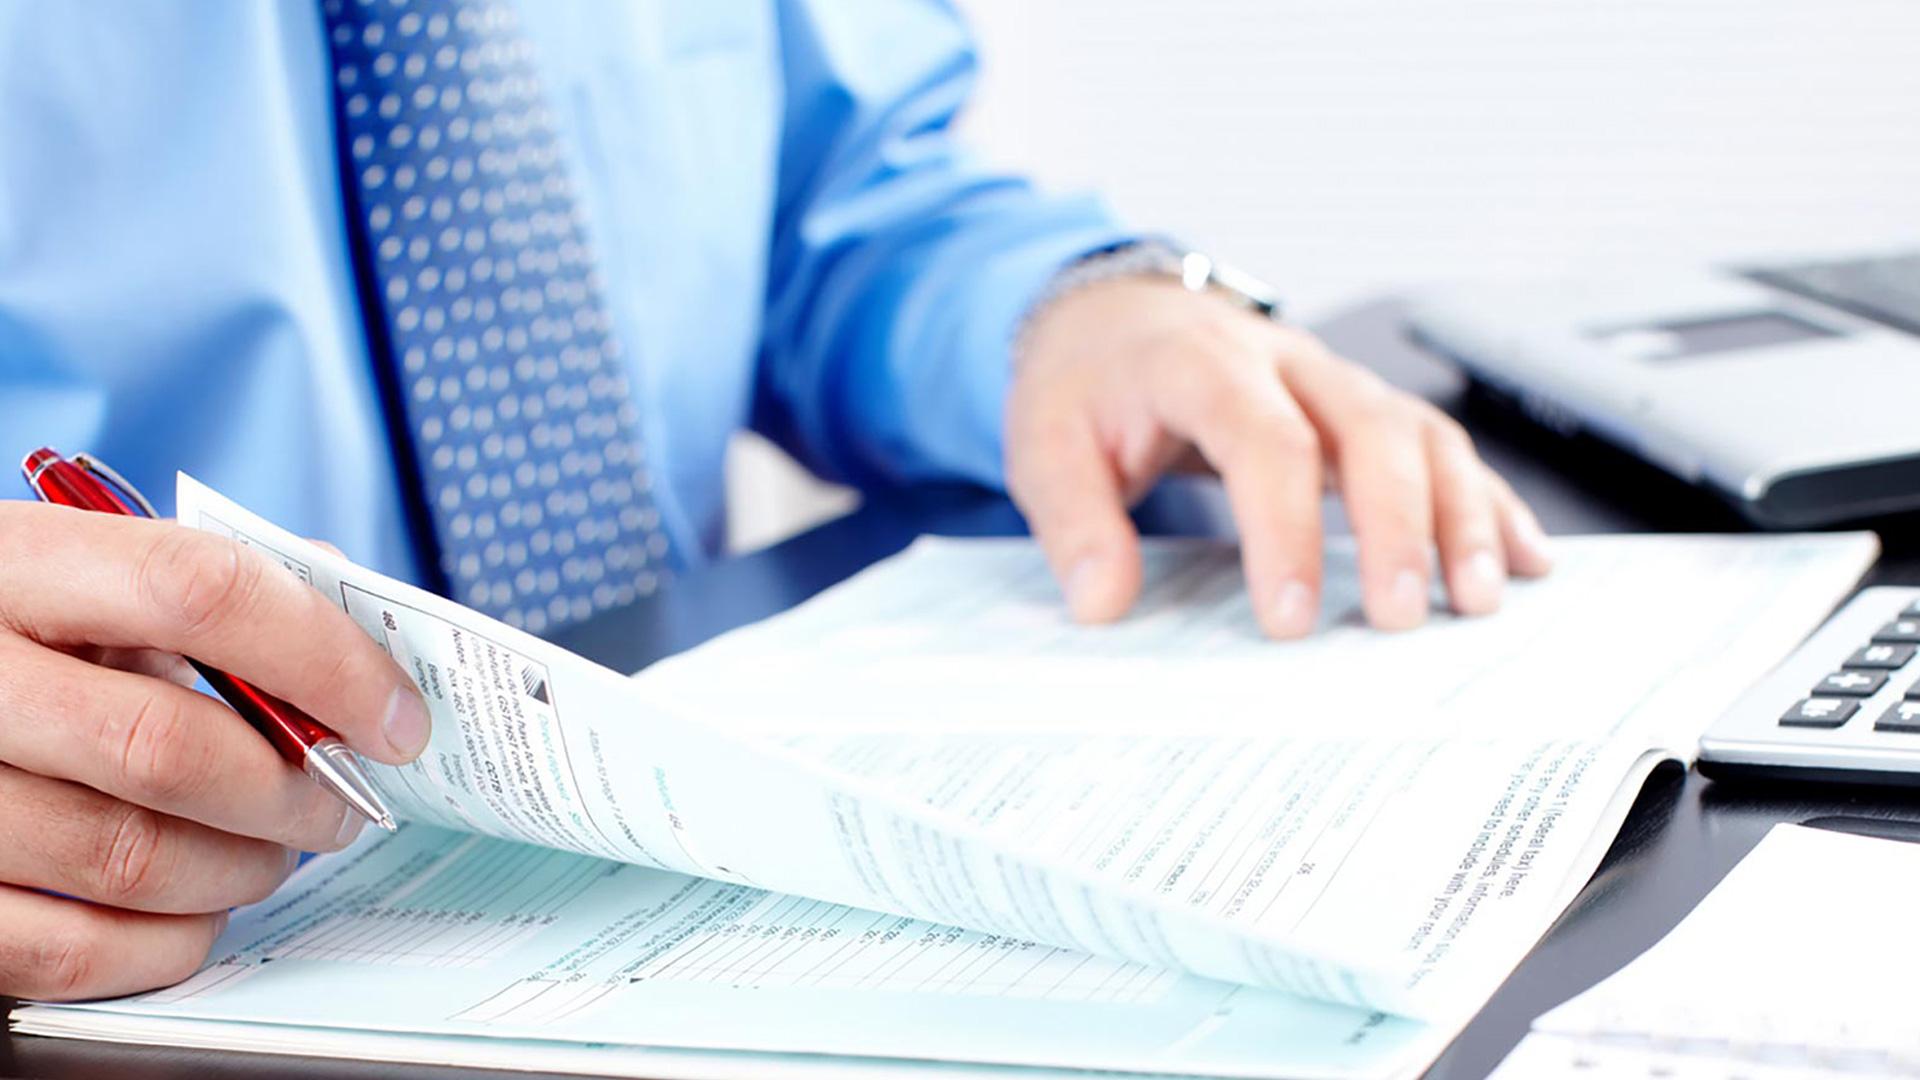 αφορολόγητων φορολογικές μικροπιστώσεων παραγραφής φορολογικής